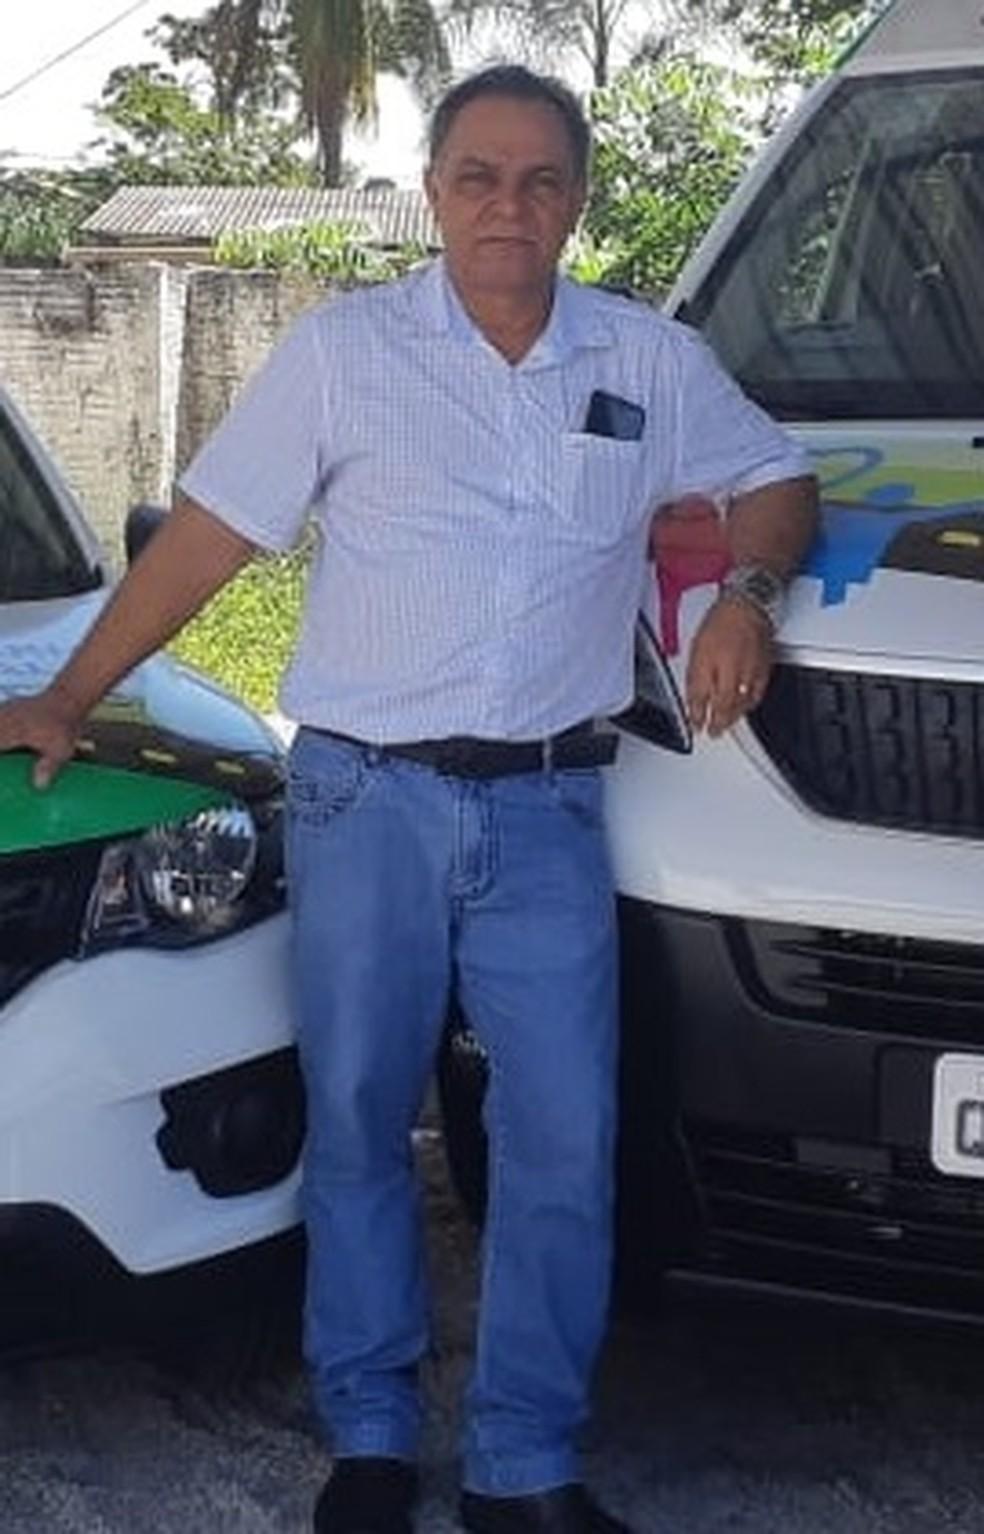 Prefeito de Nova Marilândia, a 261 km de Cuiabá, Juvenal Alexandre da Silva, de 73 anos, e outros três homens foram presos nessa quinta-feira (5) ao serem flagrados por caça predatória e porte ilegal de arma na zona rural do município — Foto: Prefeitura de Nova Marilândia/Divulgação